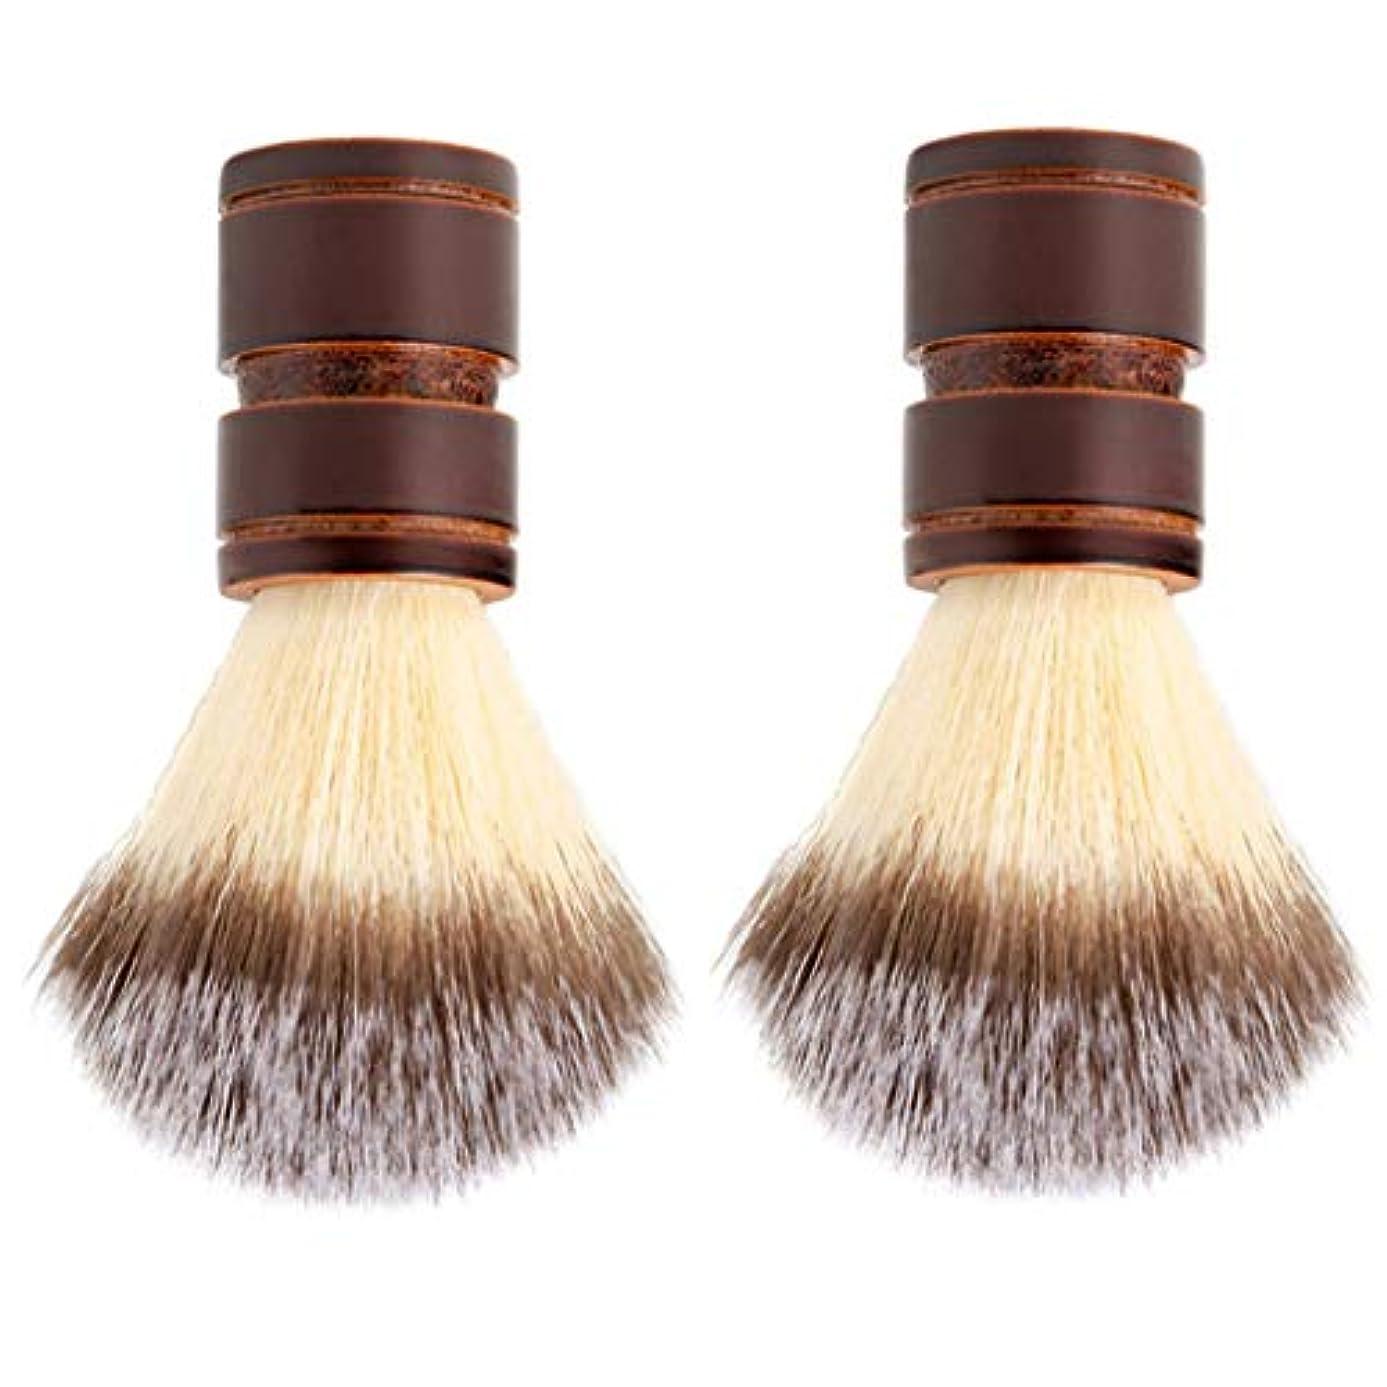 流星資料用心深いdailymall 木のハンドルが付いている2xナイロン毛の剃るブラシ個人的な専門の剃る